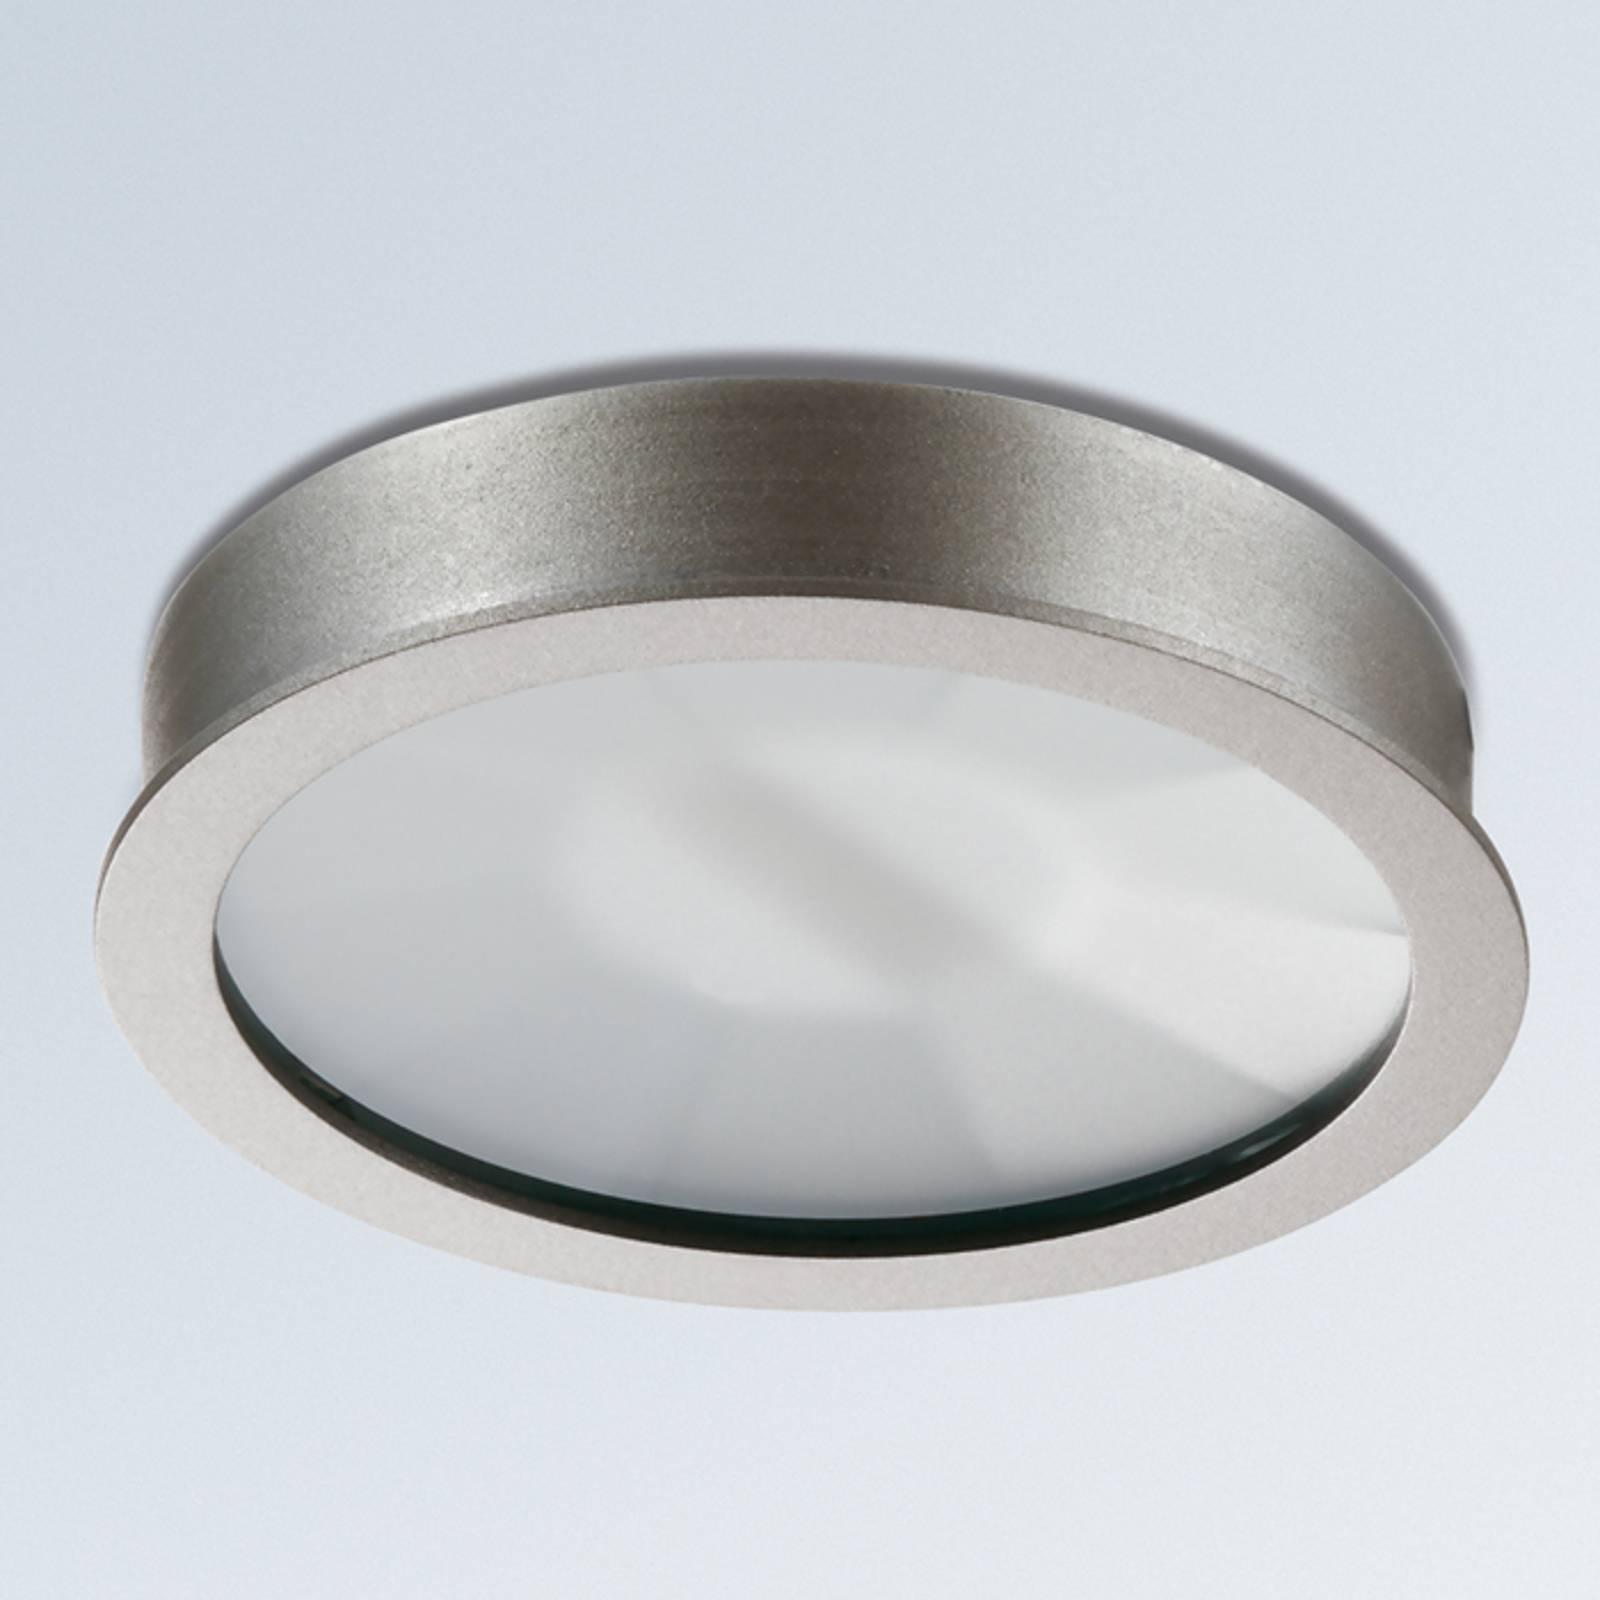 LED-inbouwspot Circle, dimbaar, 4,2W